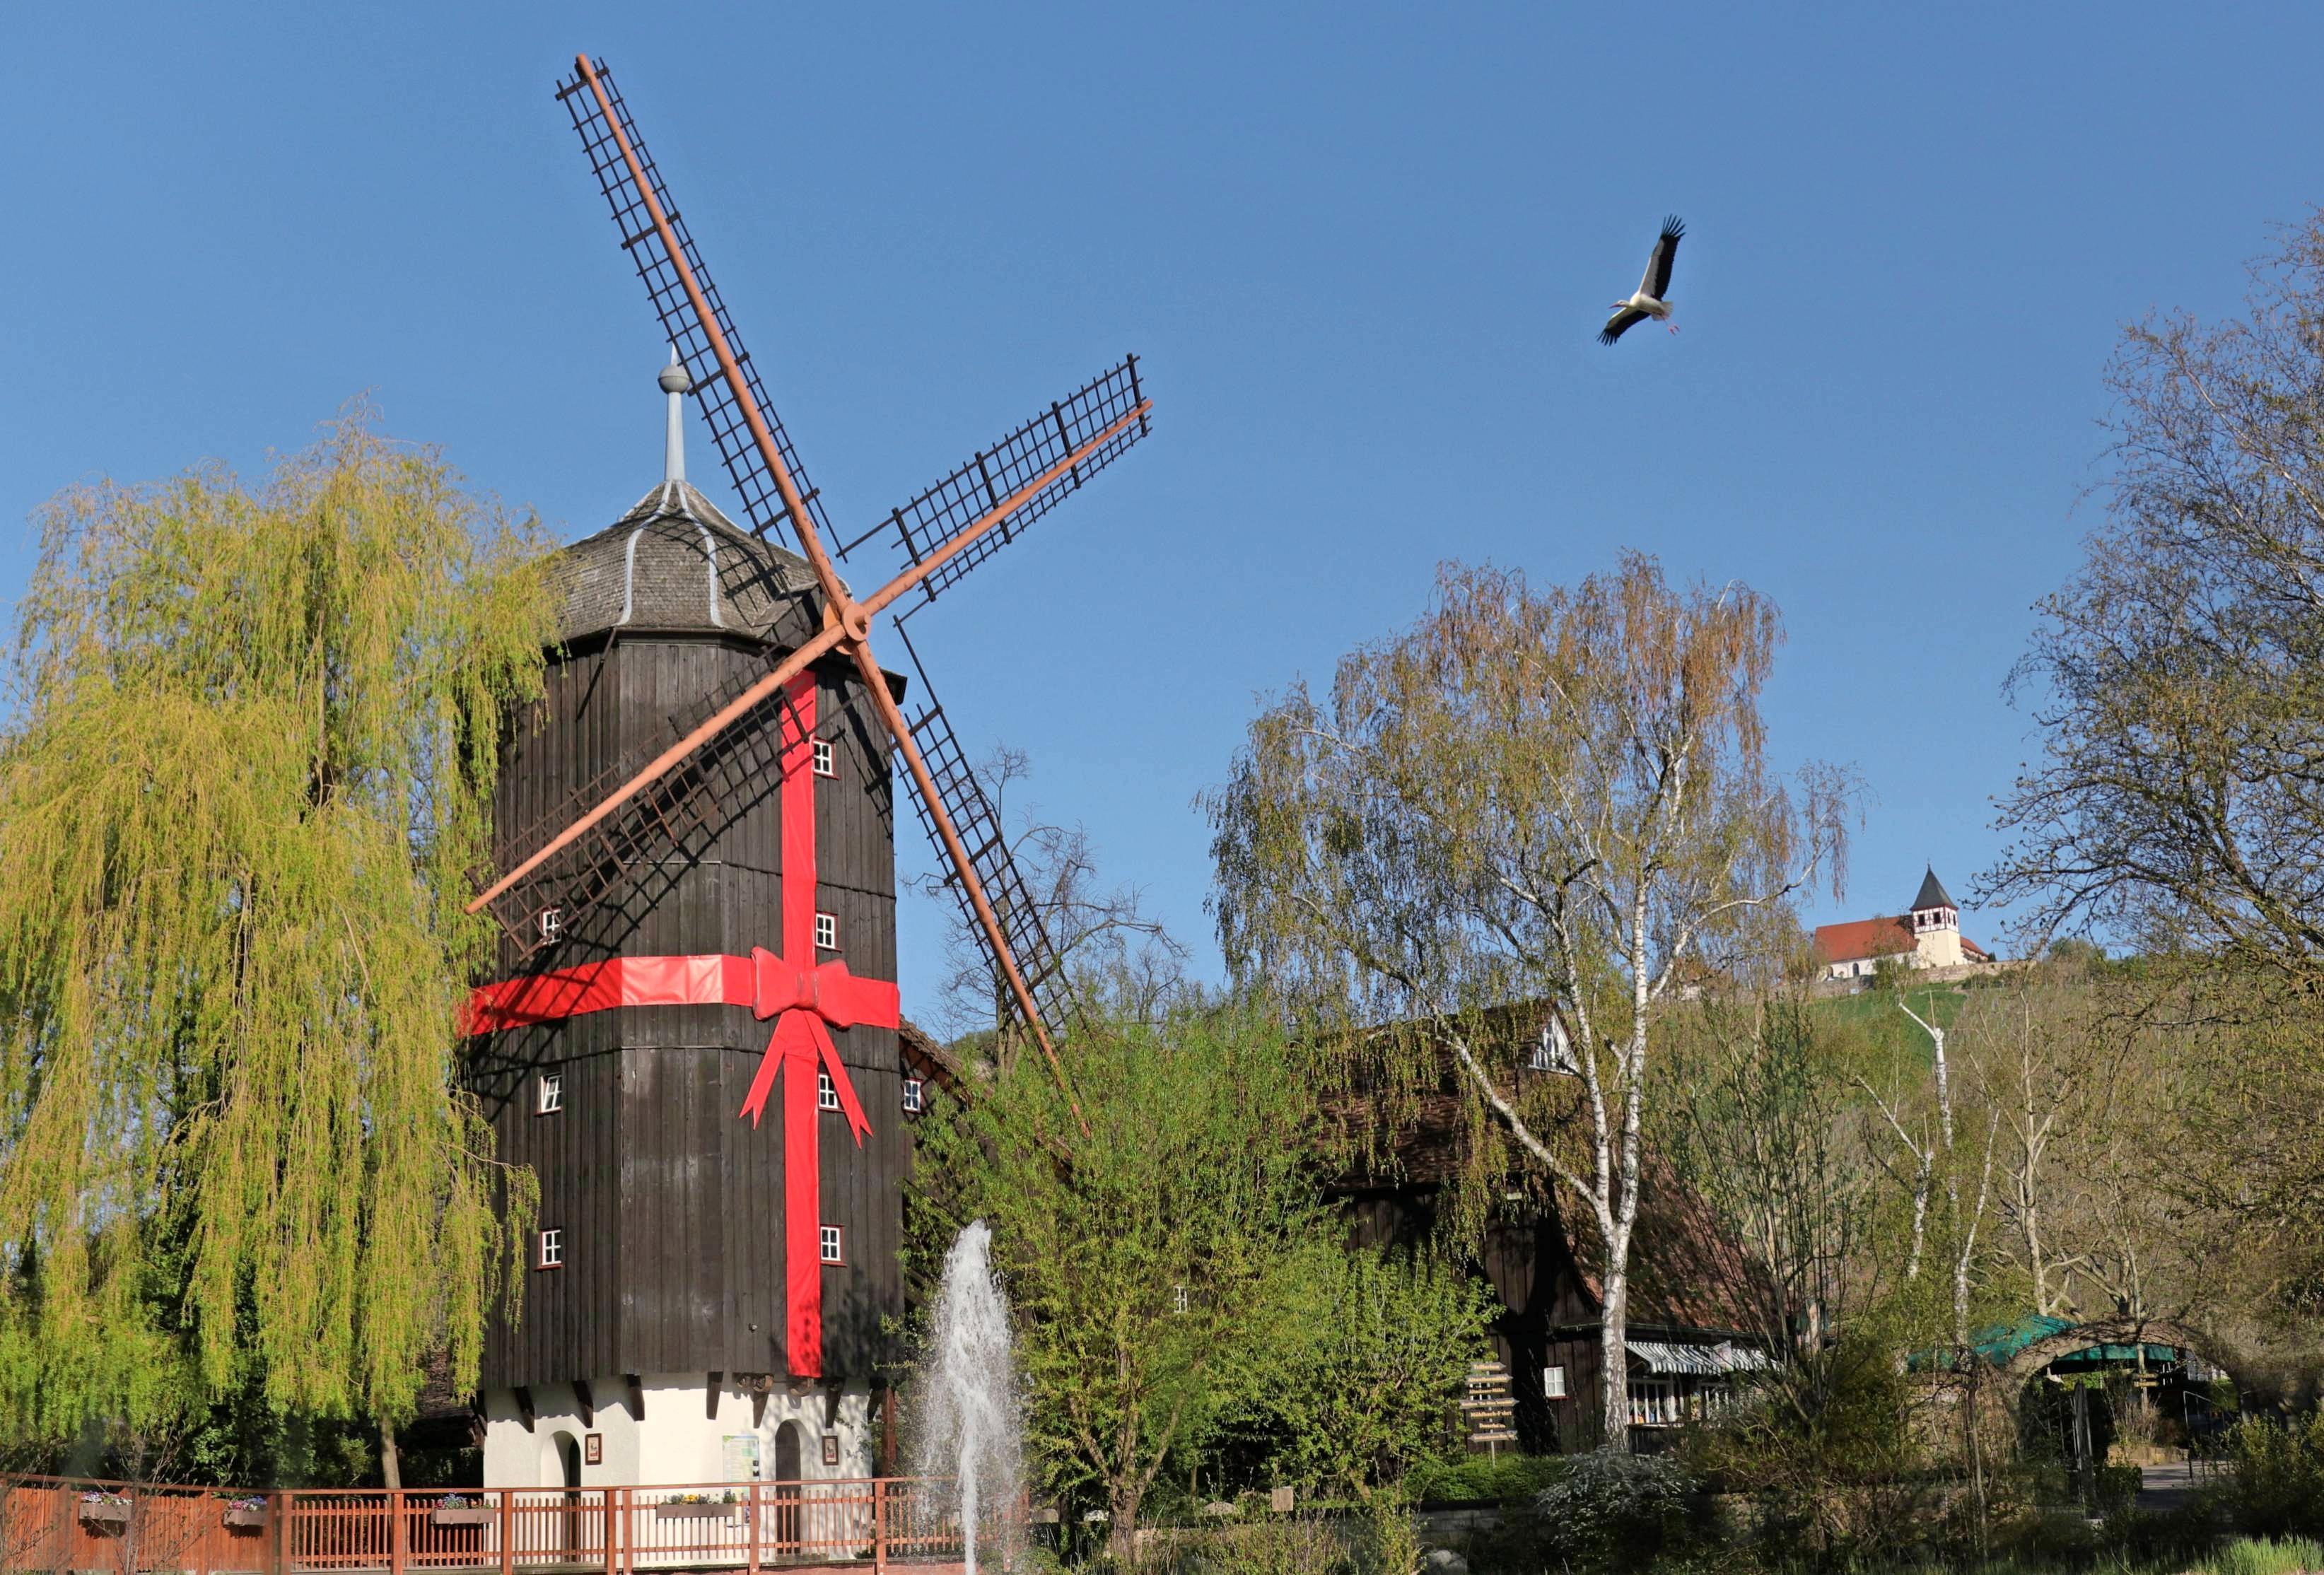 Die Altweibermühle wurde zum 90-jährigen Park-Jubiläum mit einer auffälligen roten Schleife versehen und als Geschenk verpackt.